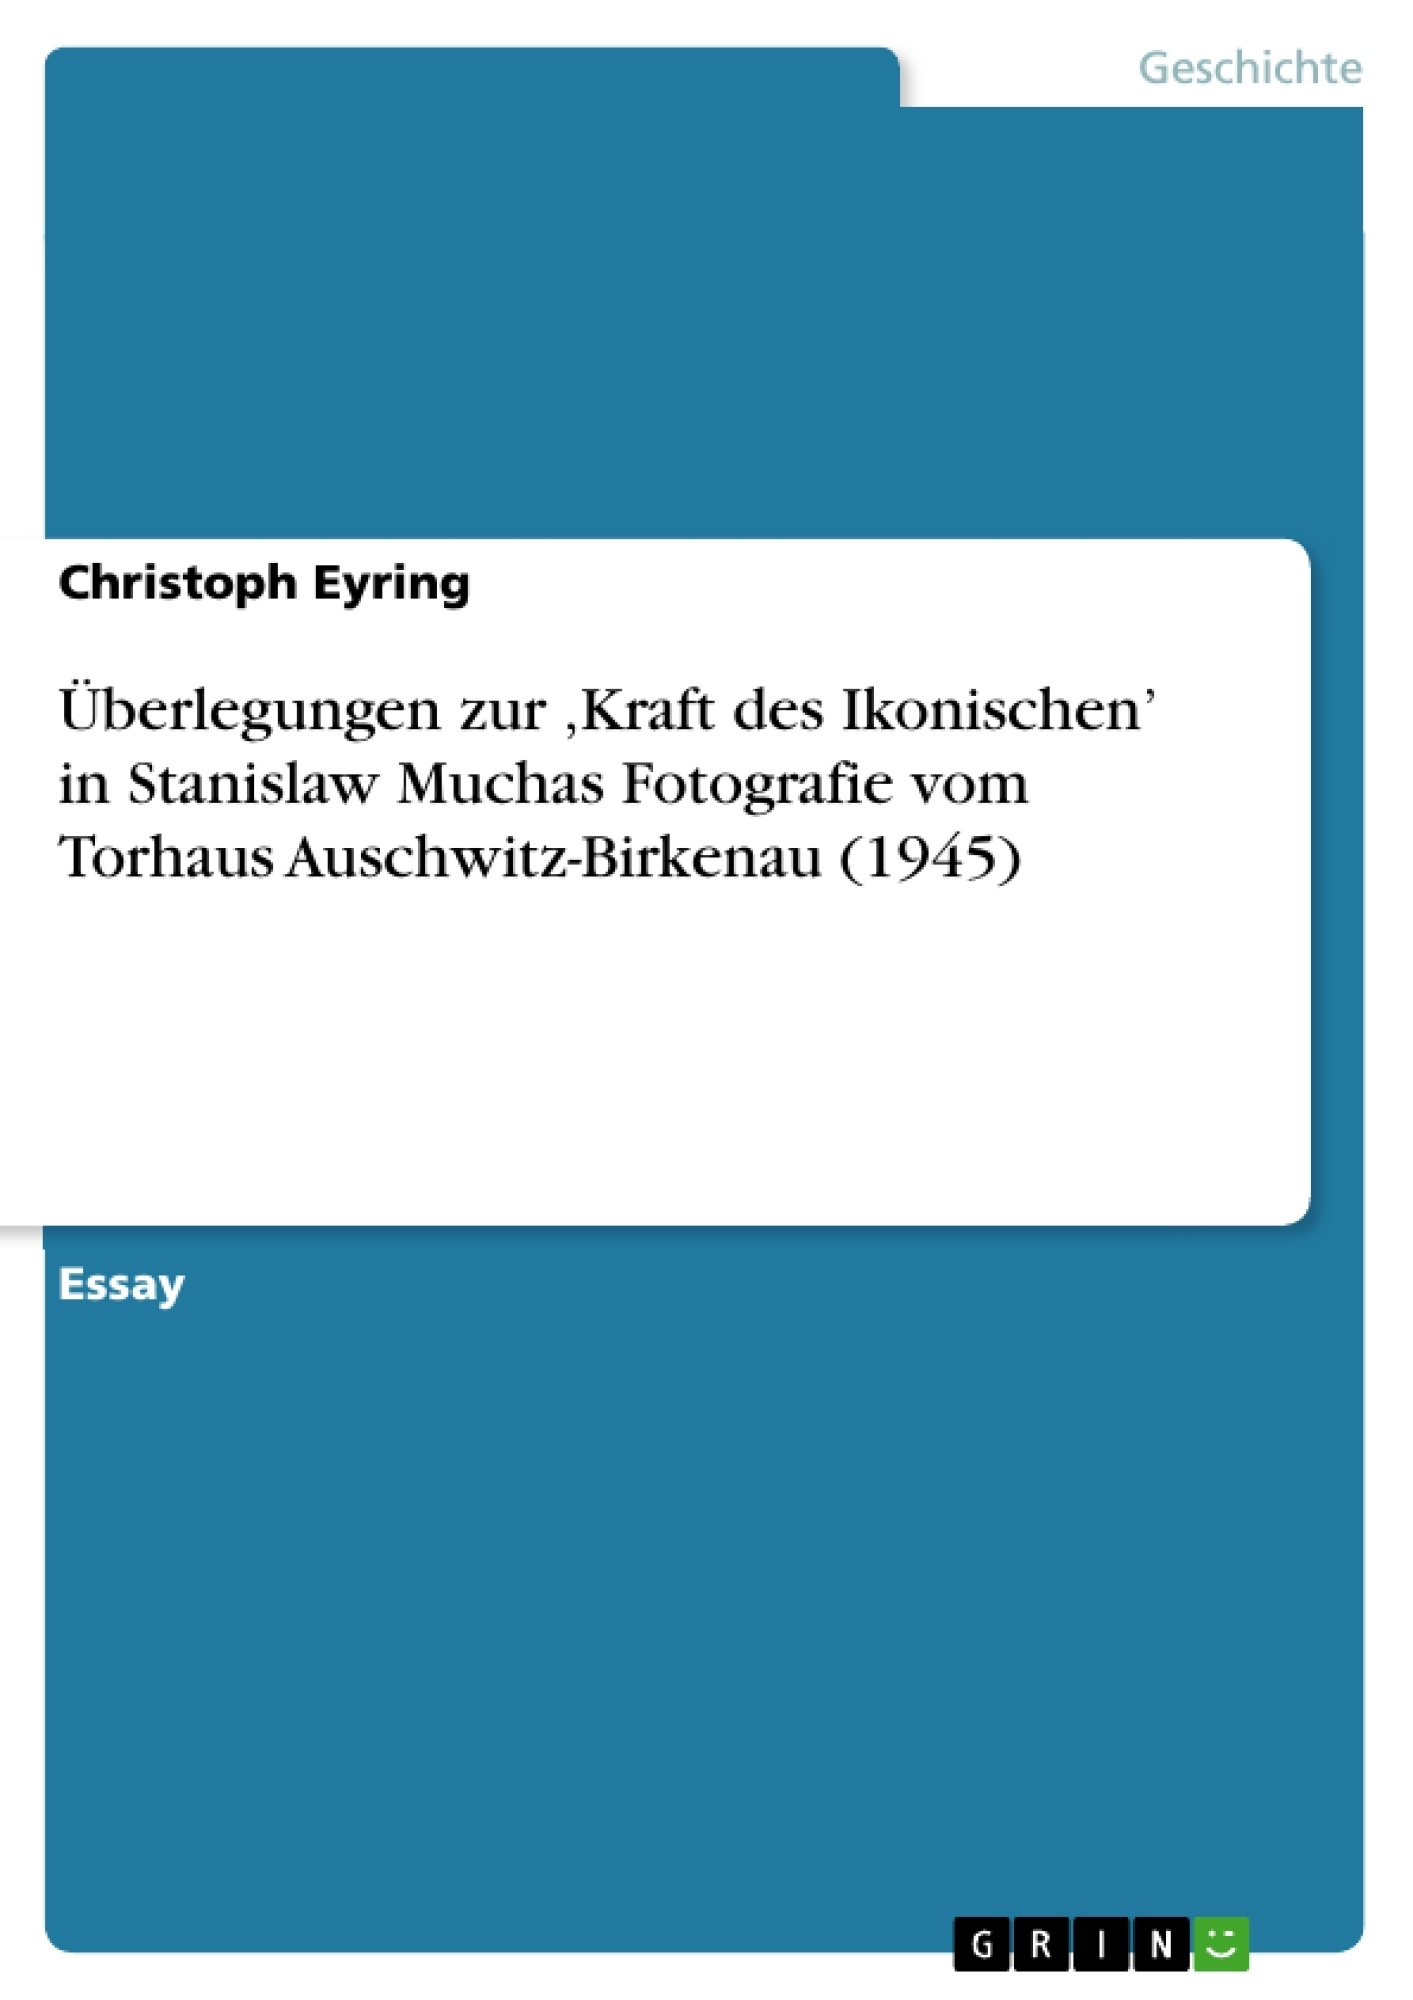 Titel: Überlegungen zur ,Kraft des Ikonischen' in Stanislaw Muchas Fotografie vom Torhaus Auschwitz-Birkenau (1945)